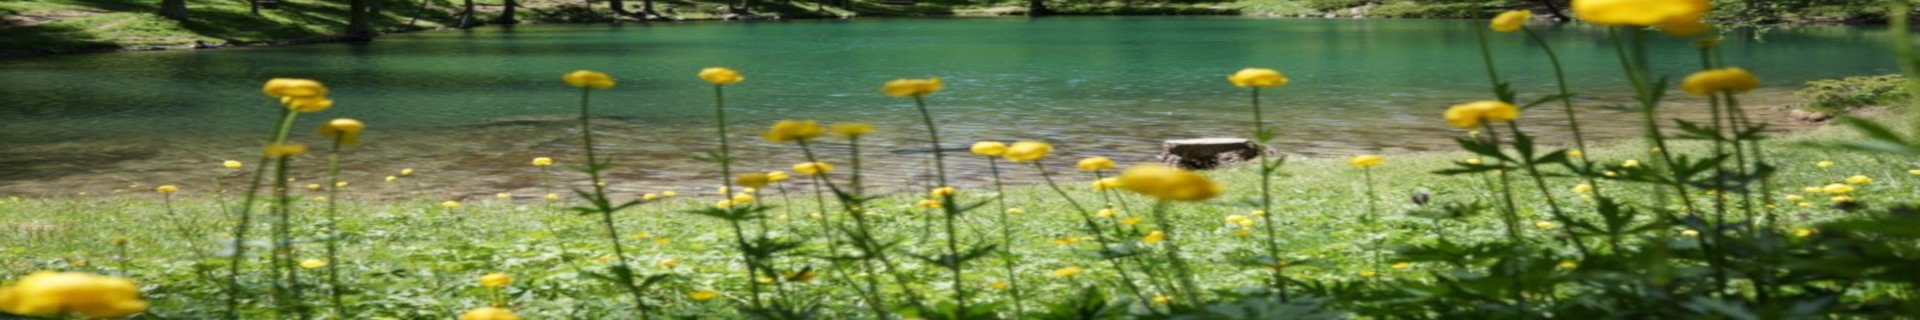 risoul-paysages-ete-lac-pre-du-laus1-2779